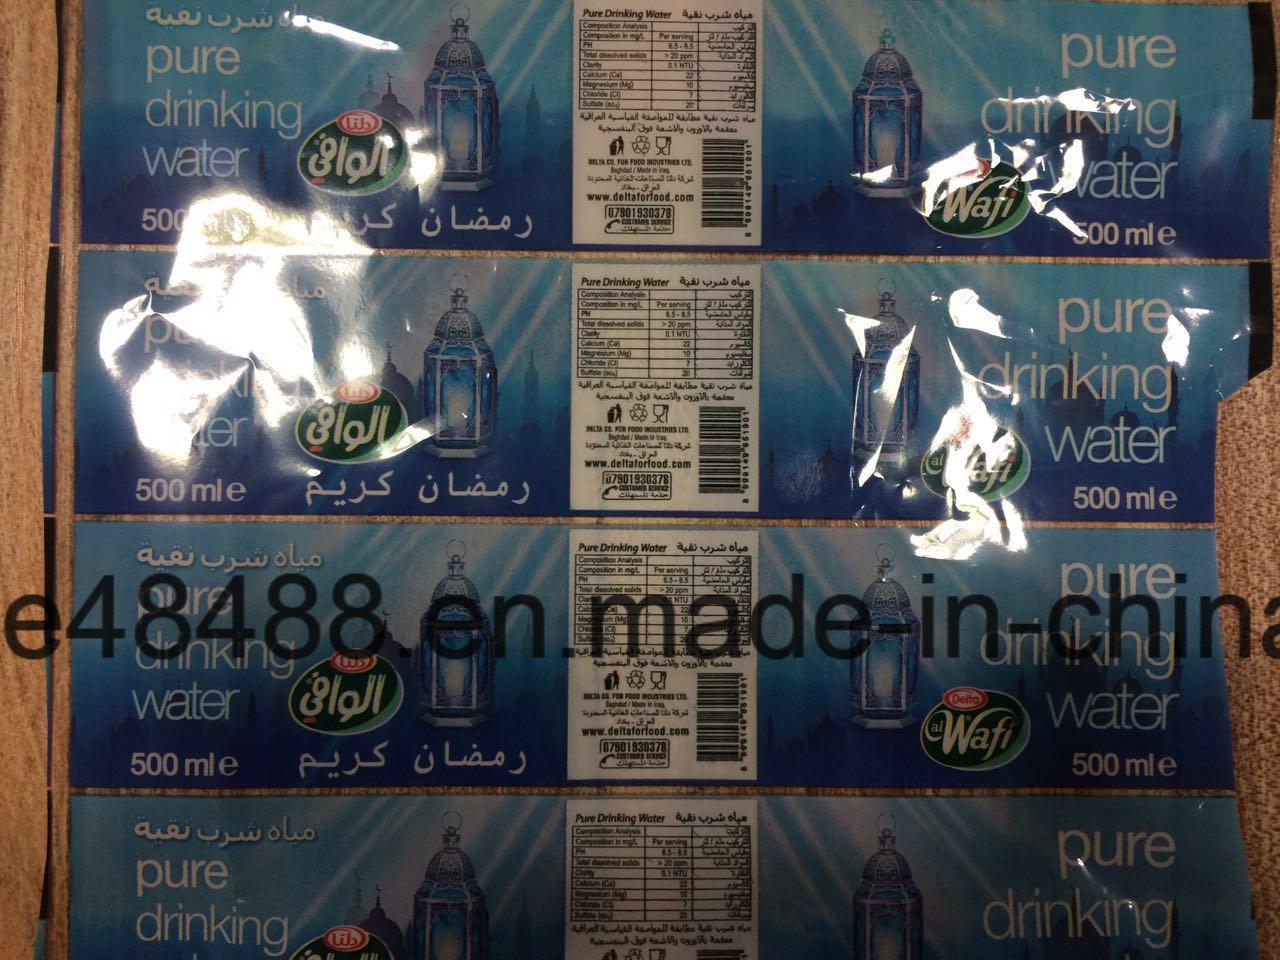 PETG Shrink Film for Beverage Sleeve Label, Cosmetics Label